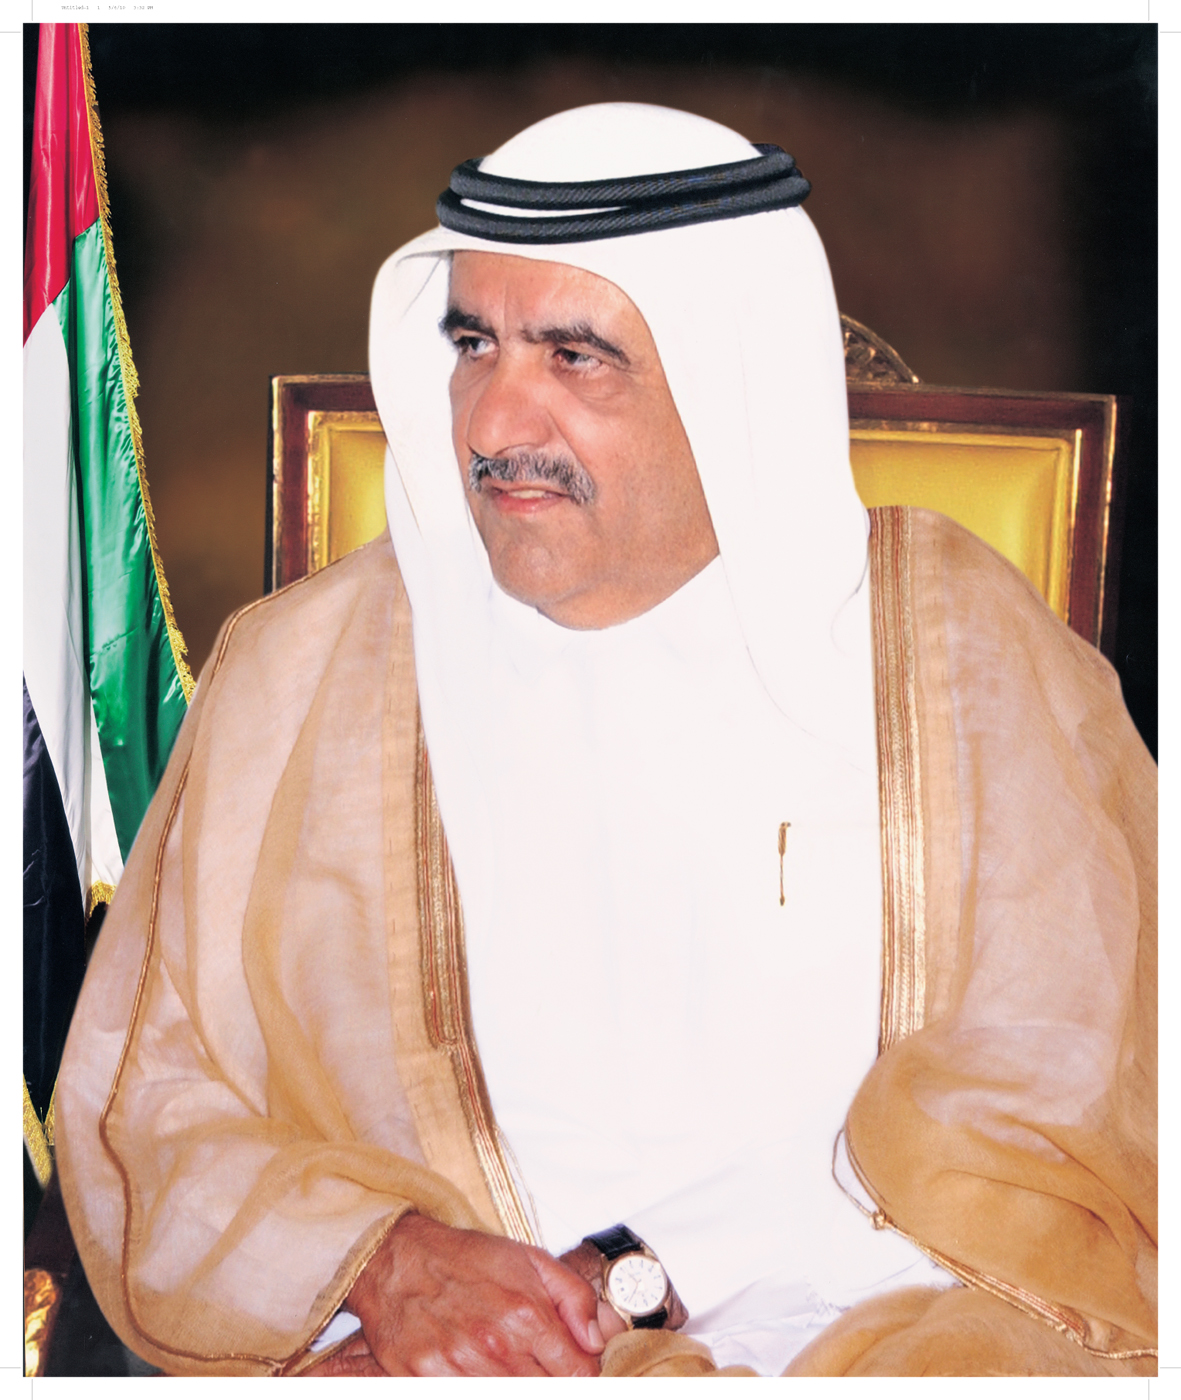 """نائب حاكم دبي يتبرع بـ""""مليون"""" درهم لأسر شهداء الاردن"""